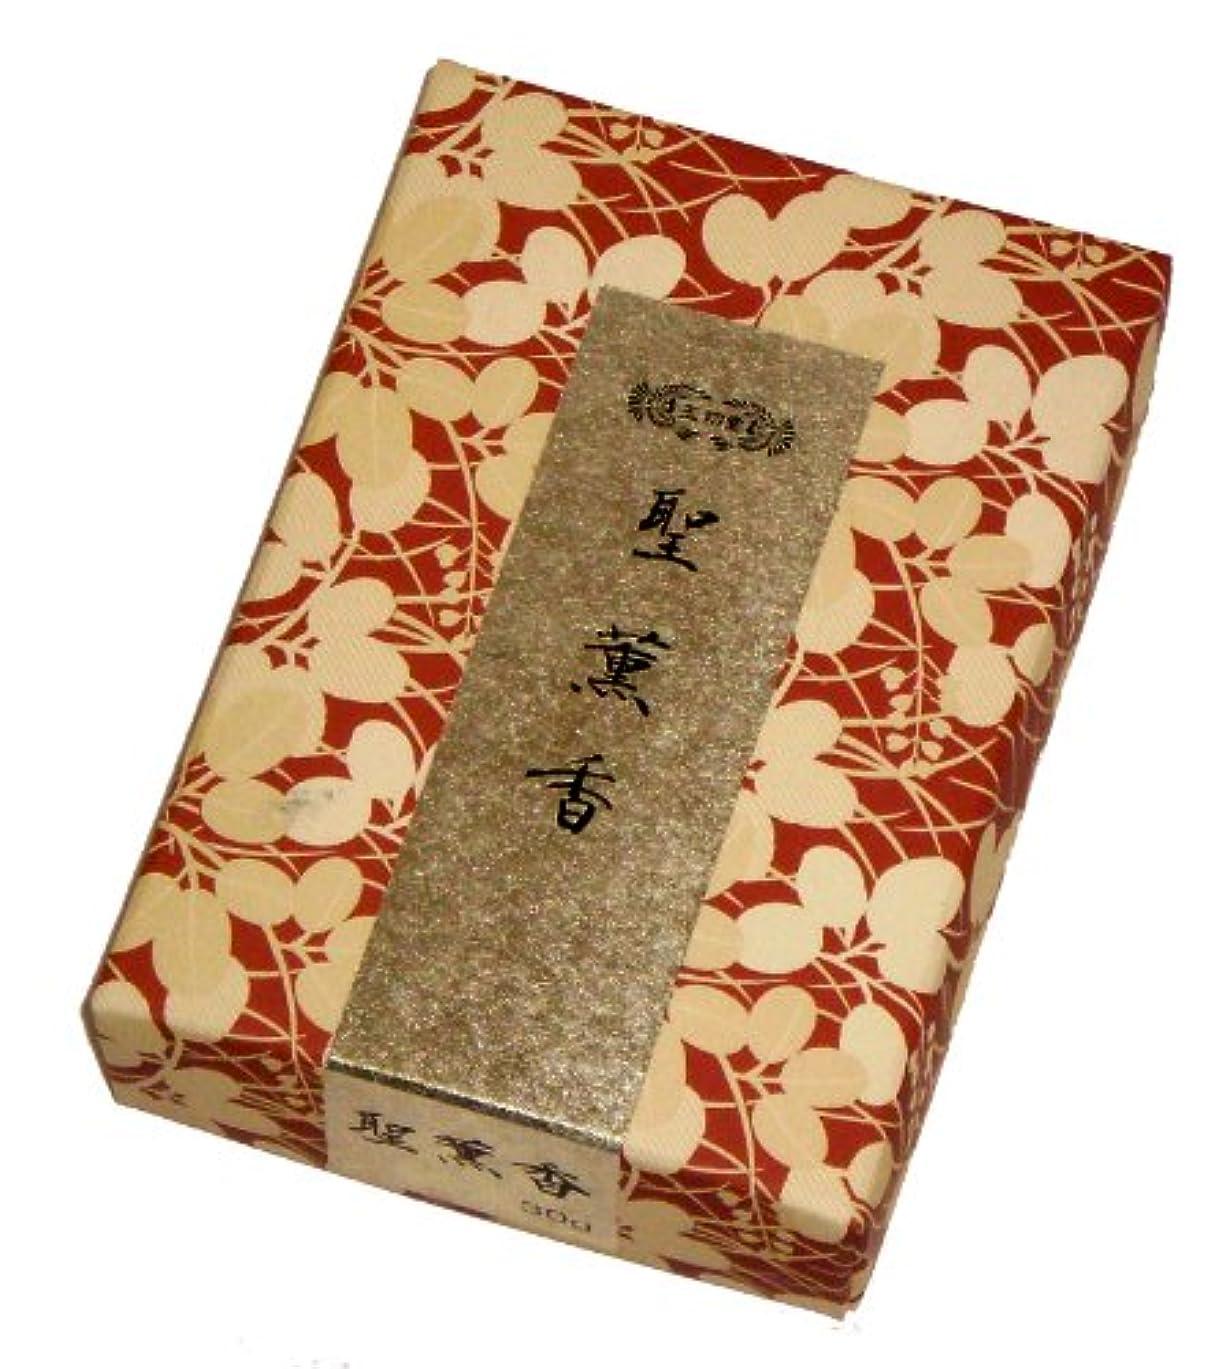 旅客比類なきせせらぎ玉初堂のお香 聖薫香 30g #635